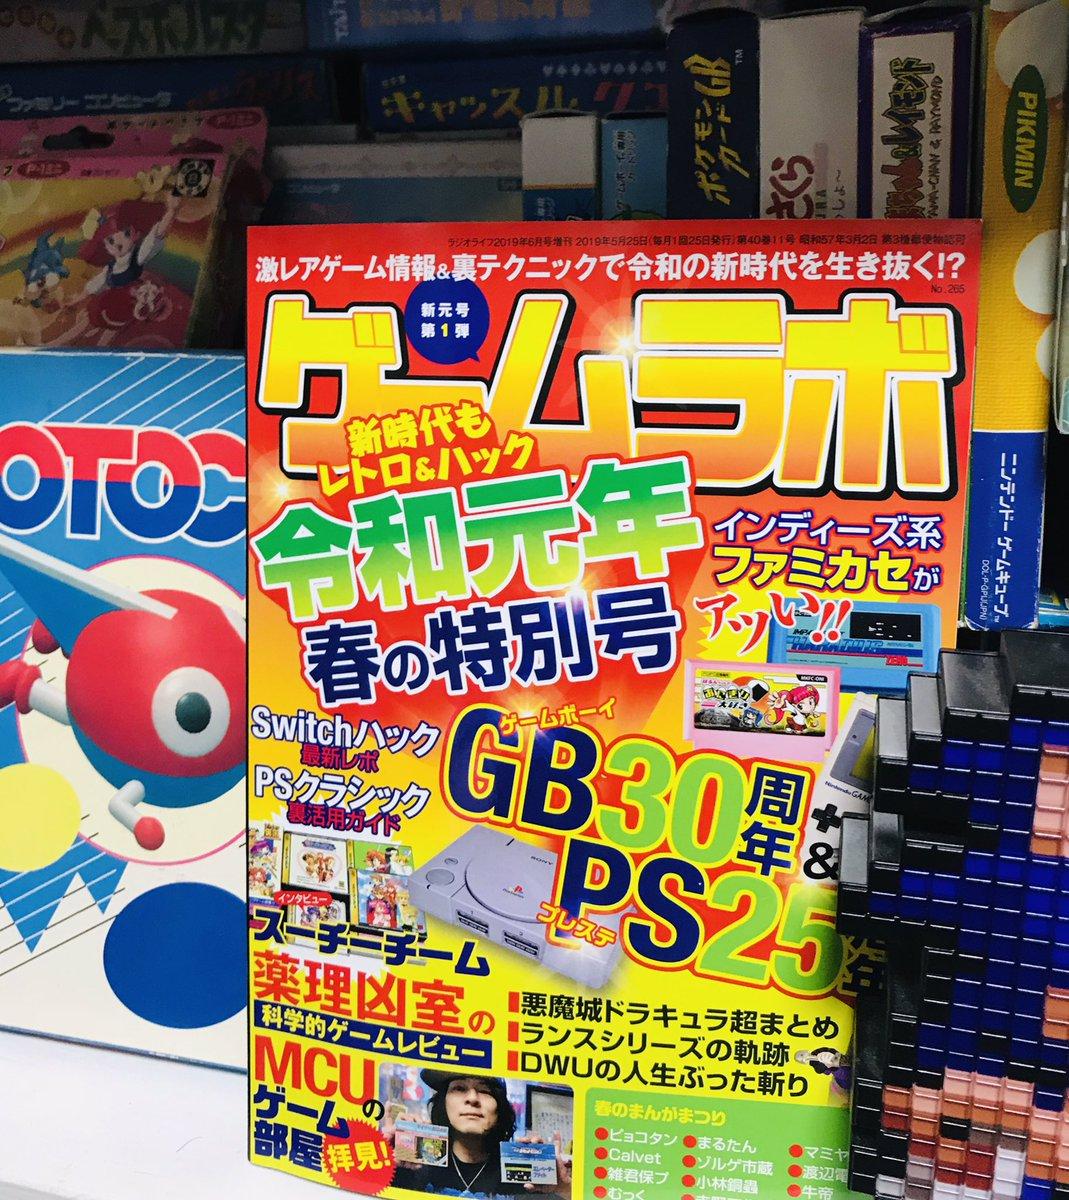 ゲームラボ 令和元年春の特別号に関する画像1